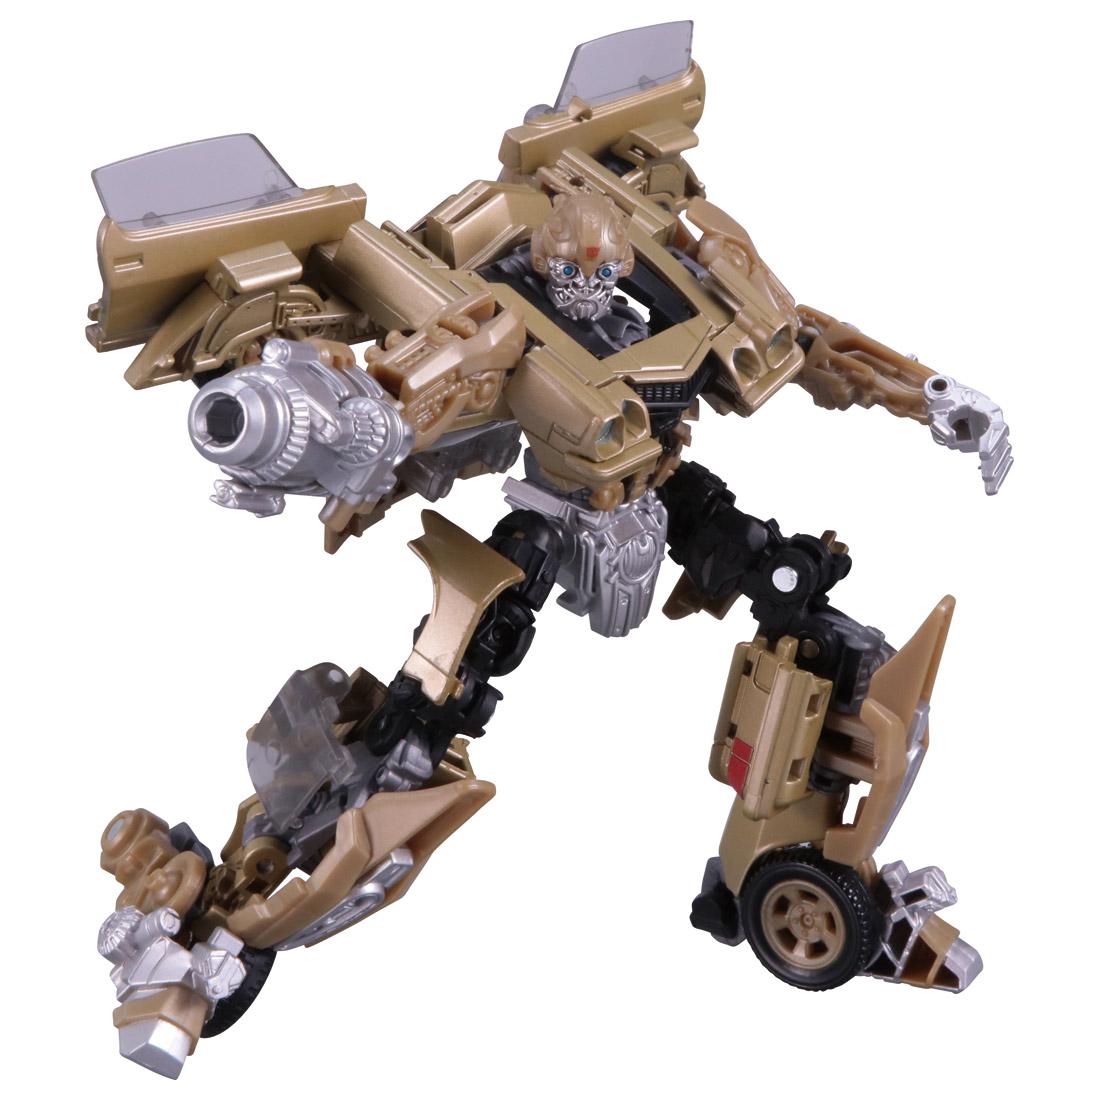 トランスフォーマー スタジオシリーズ『SS-EX バンブルビー レトロガレージセット』可変可動フィギュア-001